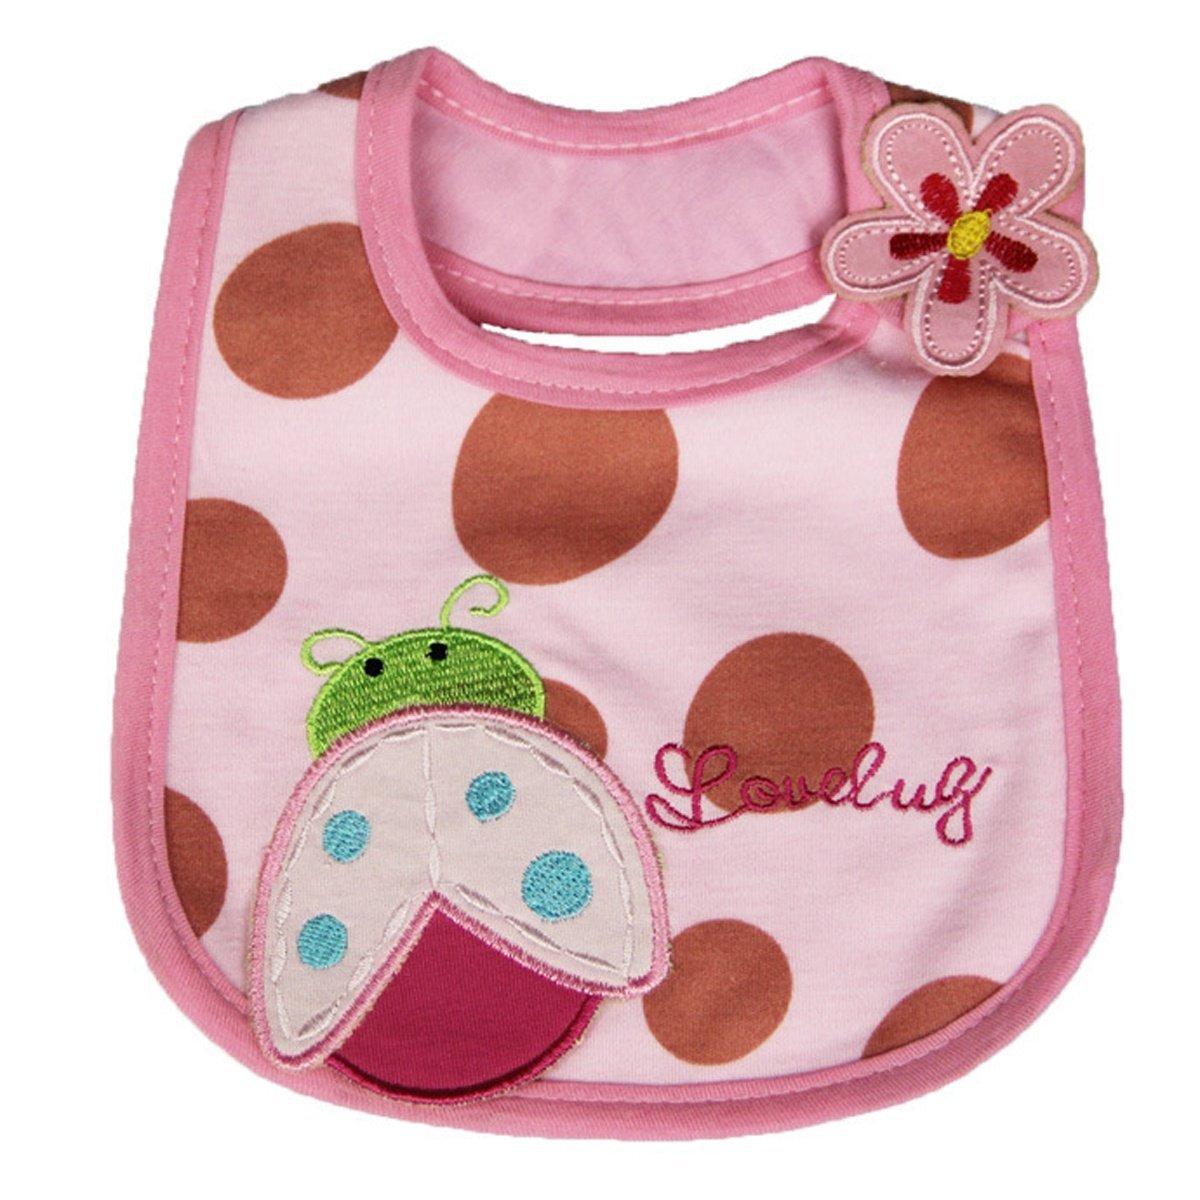 Happy cherry -(set de 4)Baberos Toallita de Babas Absorbente de Algodón Suave para Bebés Niñas Recién Nacidos de Dibujo Lindo - Mariquita + Vaca + Pez + ...